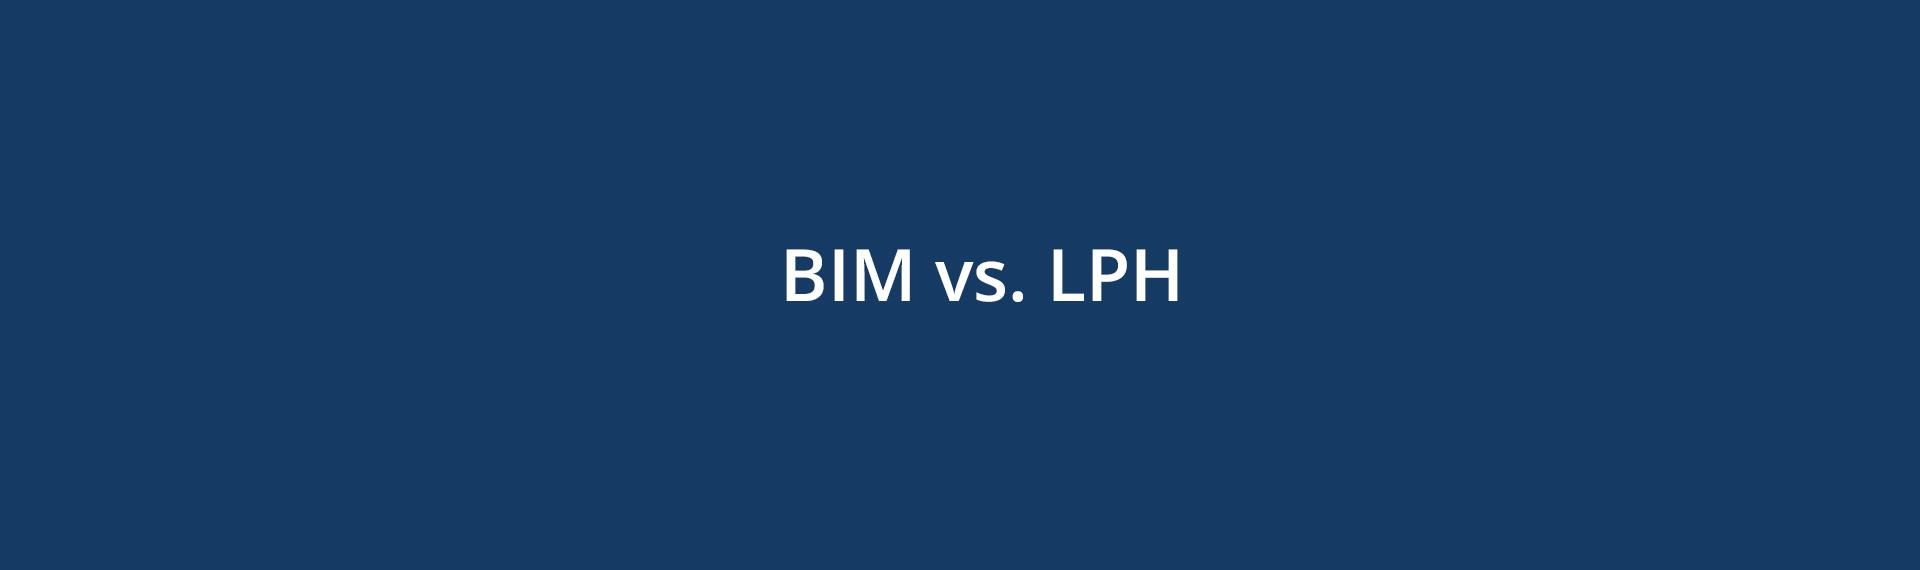 bim-vs-iph